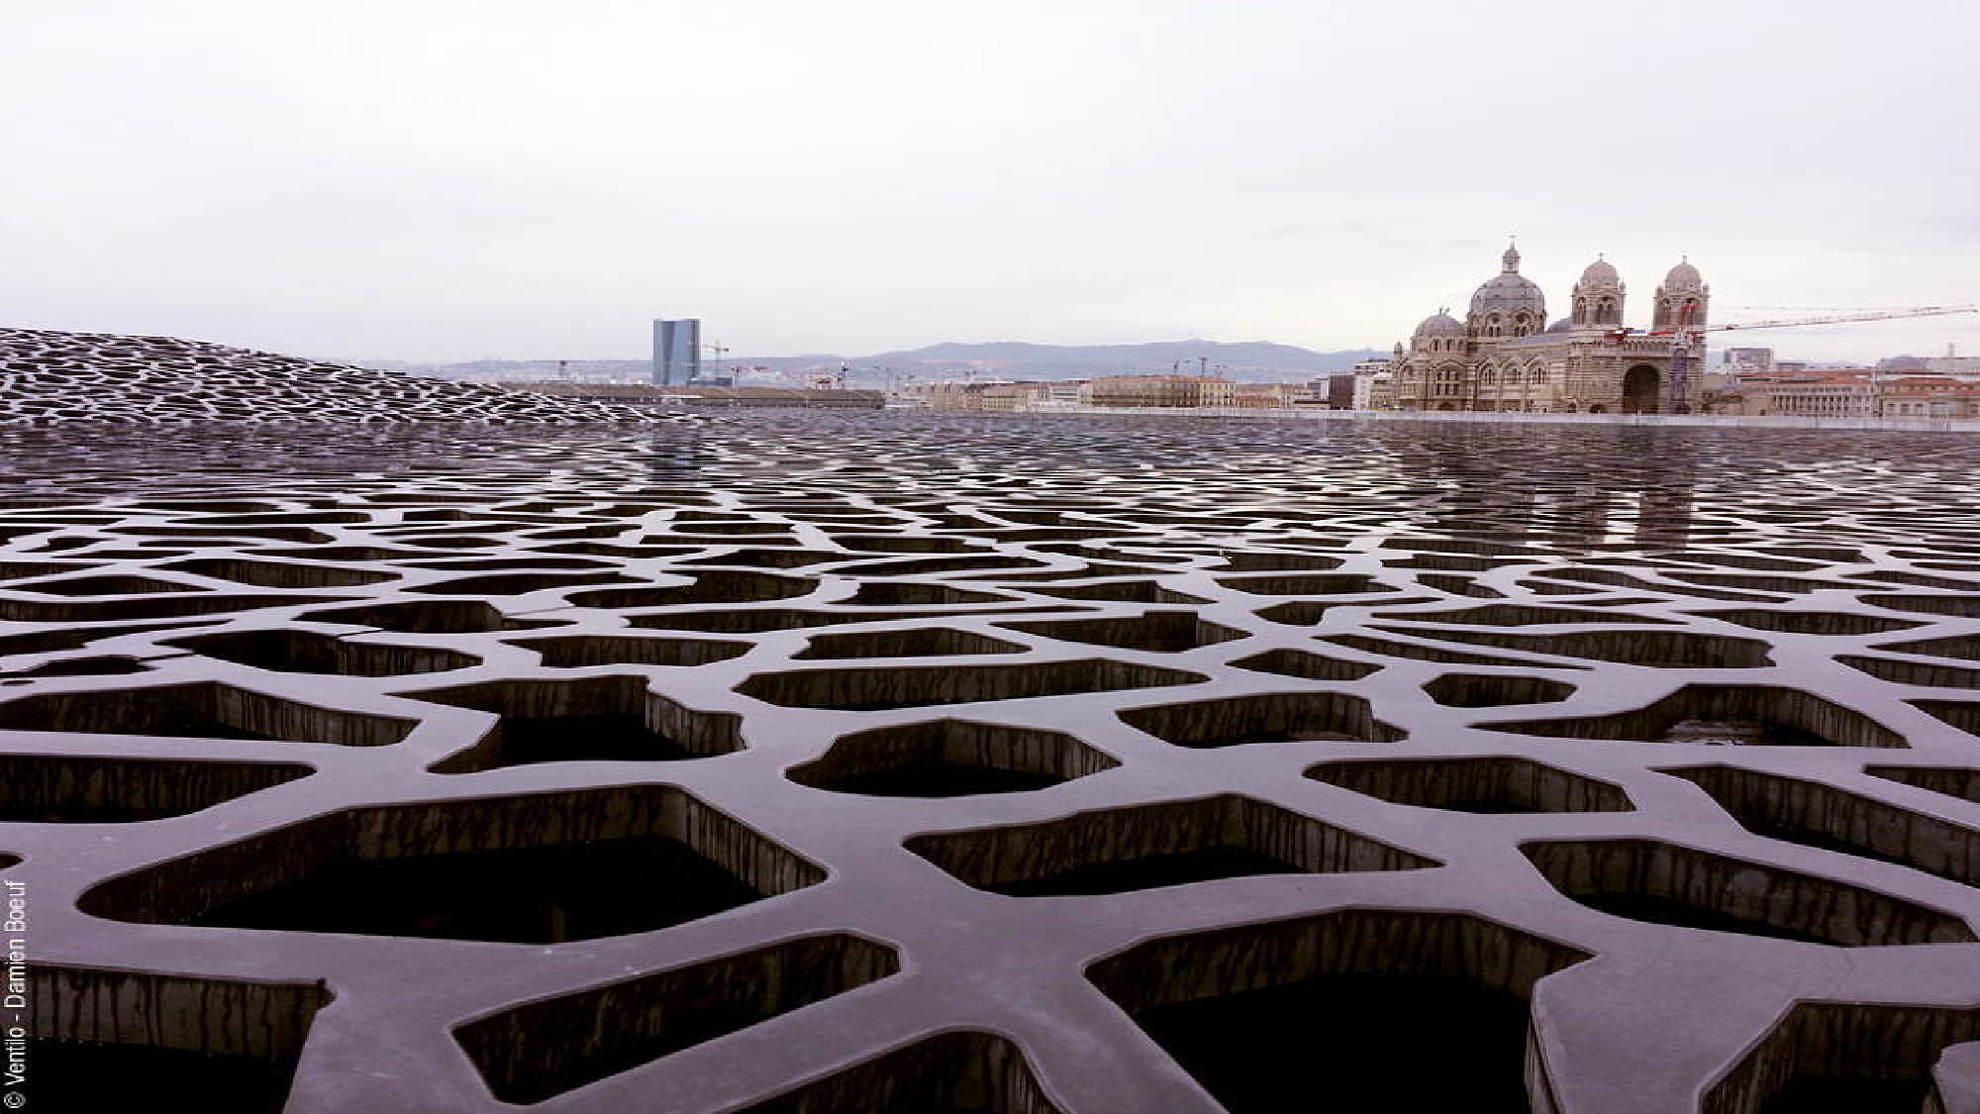 Marsiglia il waterfront: strategie di riconversione urbana.